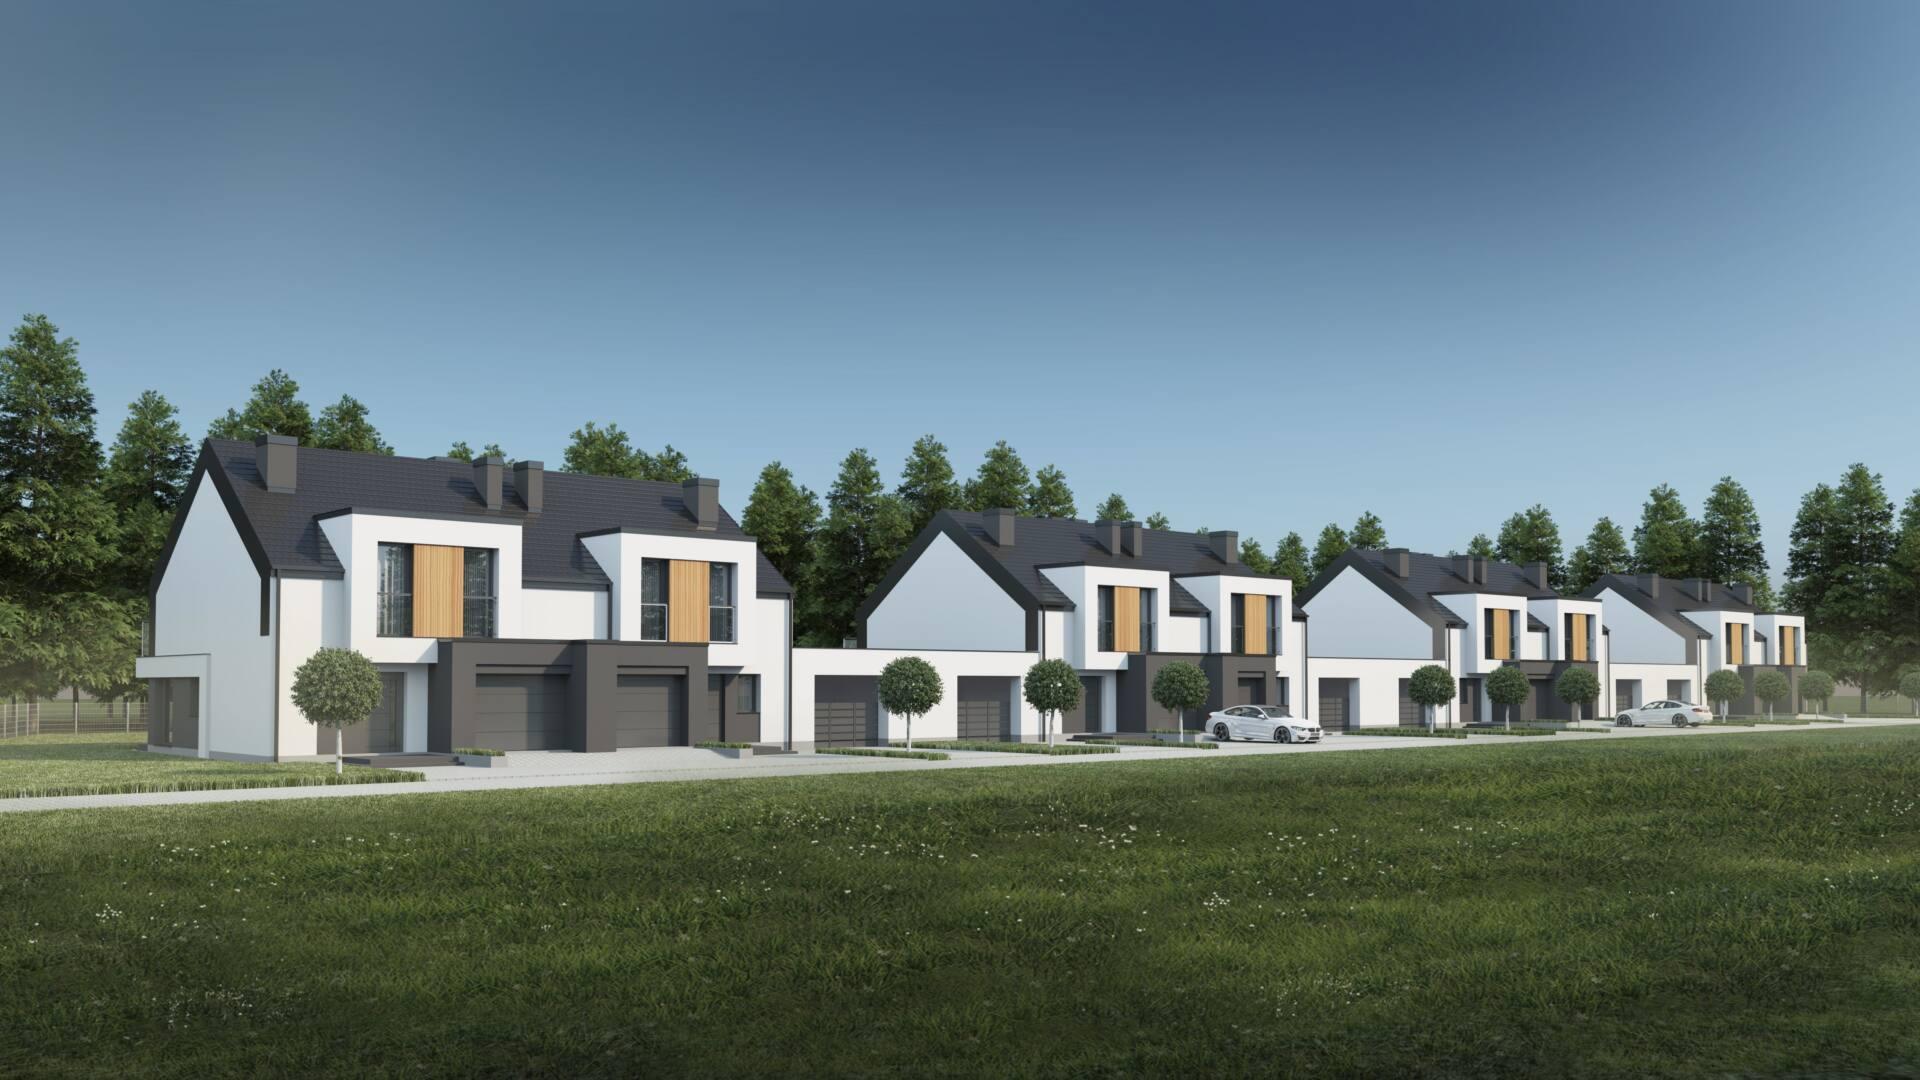 pro c 02 min Zamość: Inteligentne domy w sprzedaży (zdjęcia)